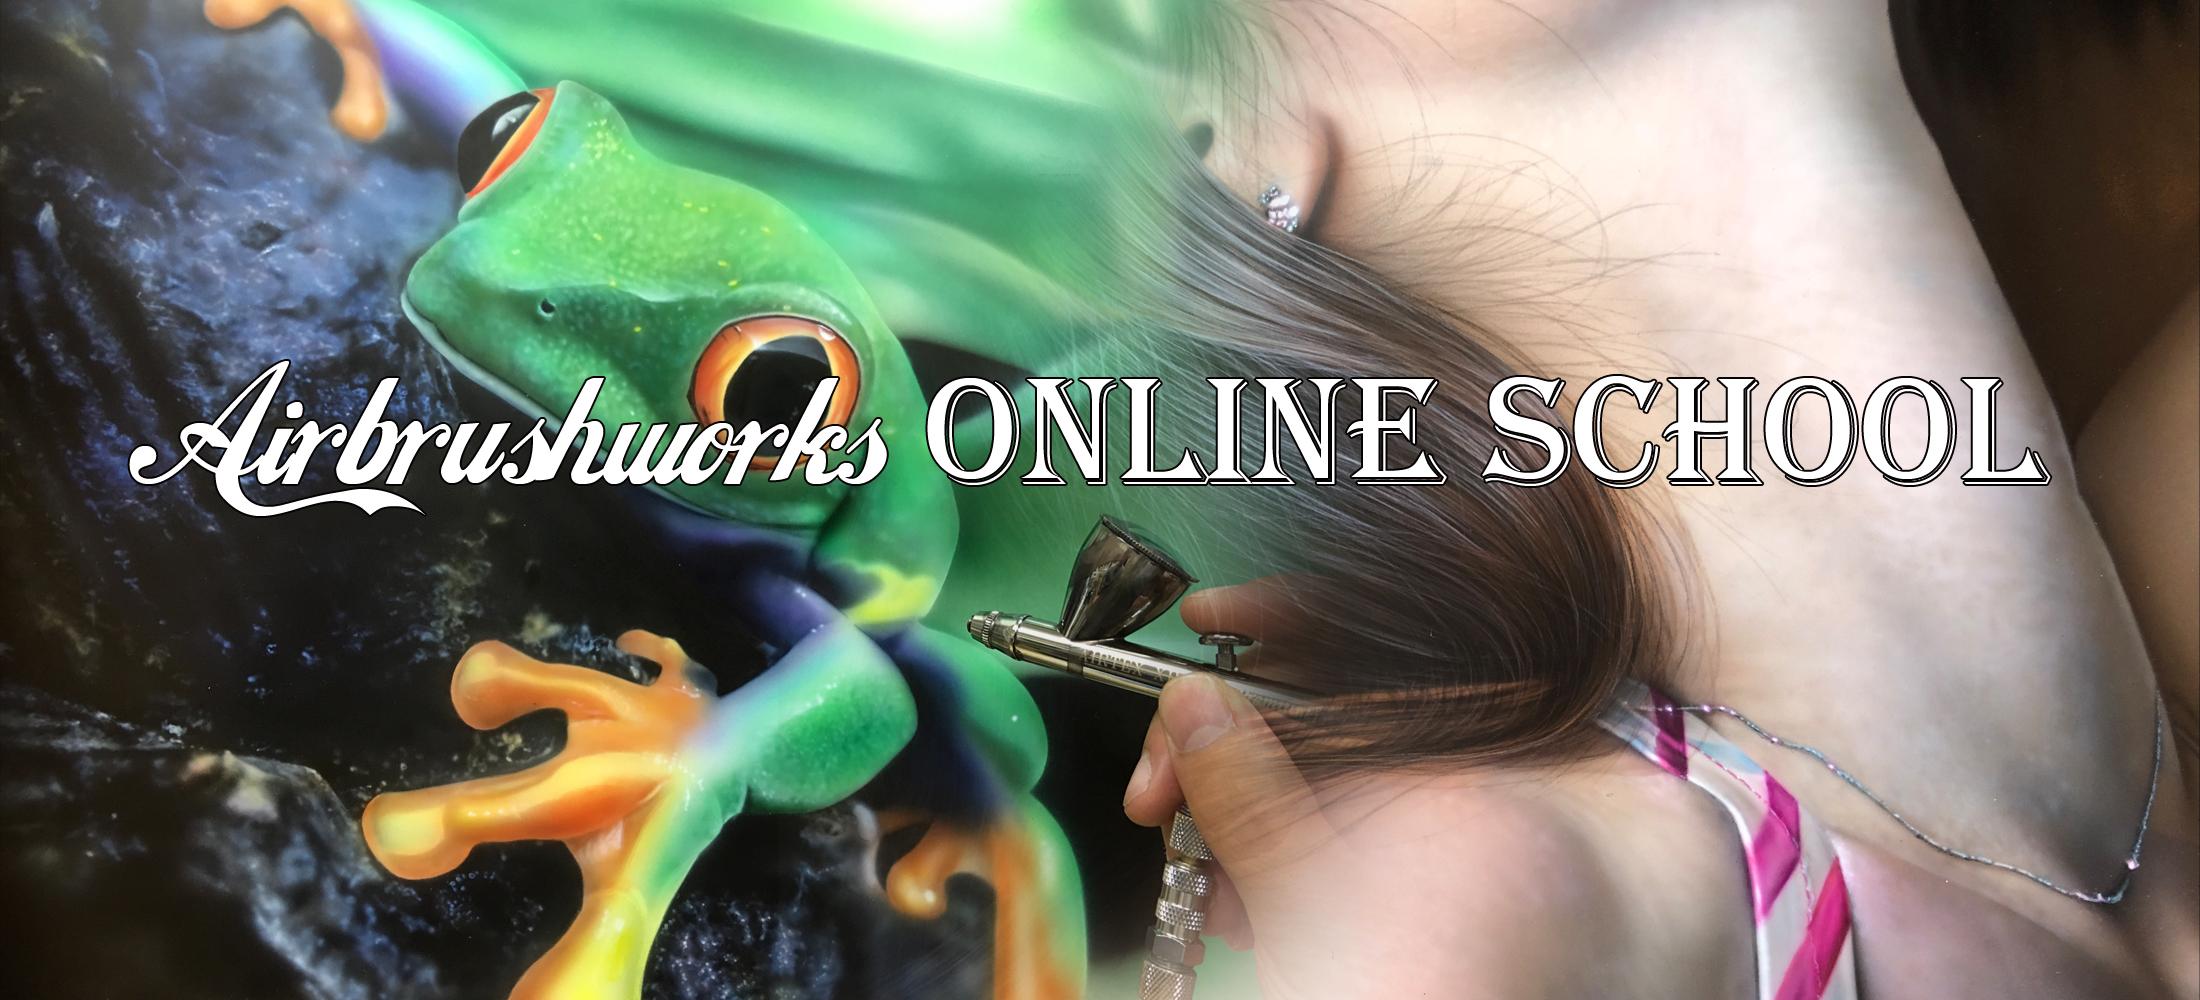 エアブラシワークスオンラインスクール